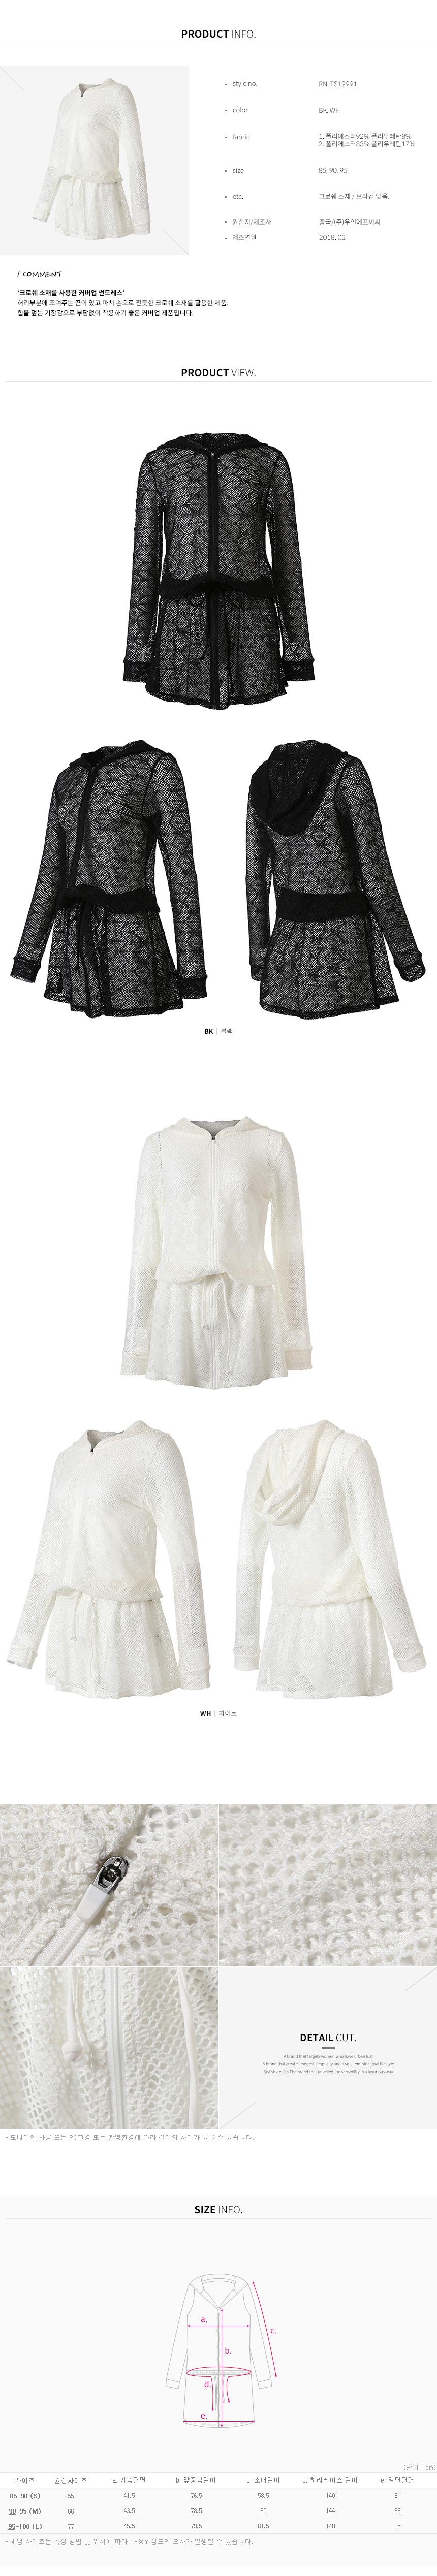 레노마수영복(RENOMASWIM) 여성 비치 크로쉐 커버업 썬드레스 TOPRN-TS19991